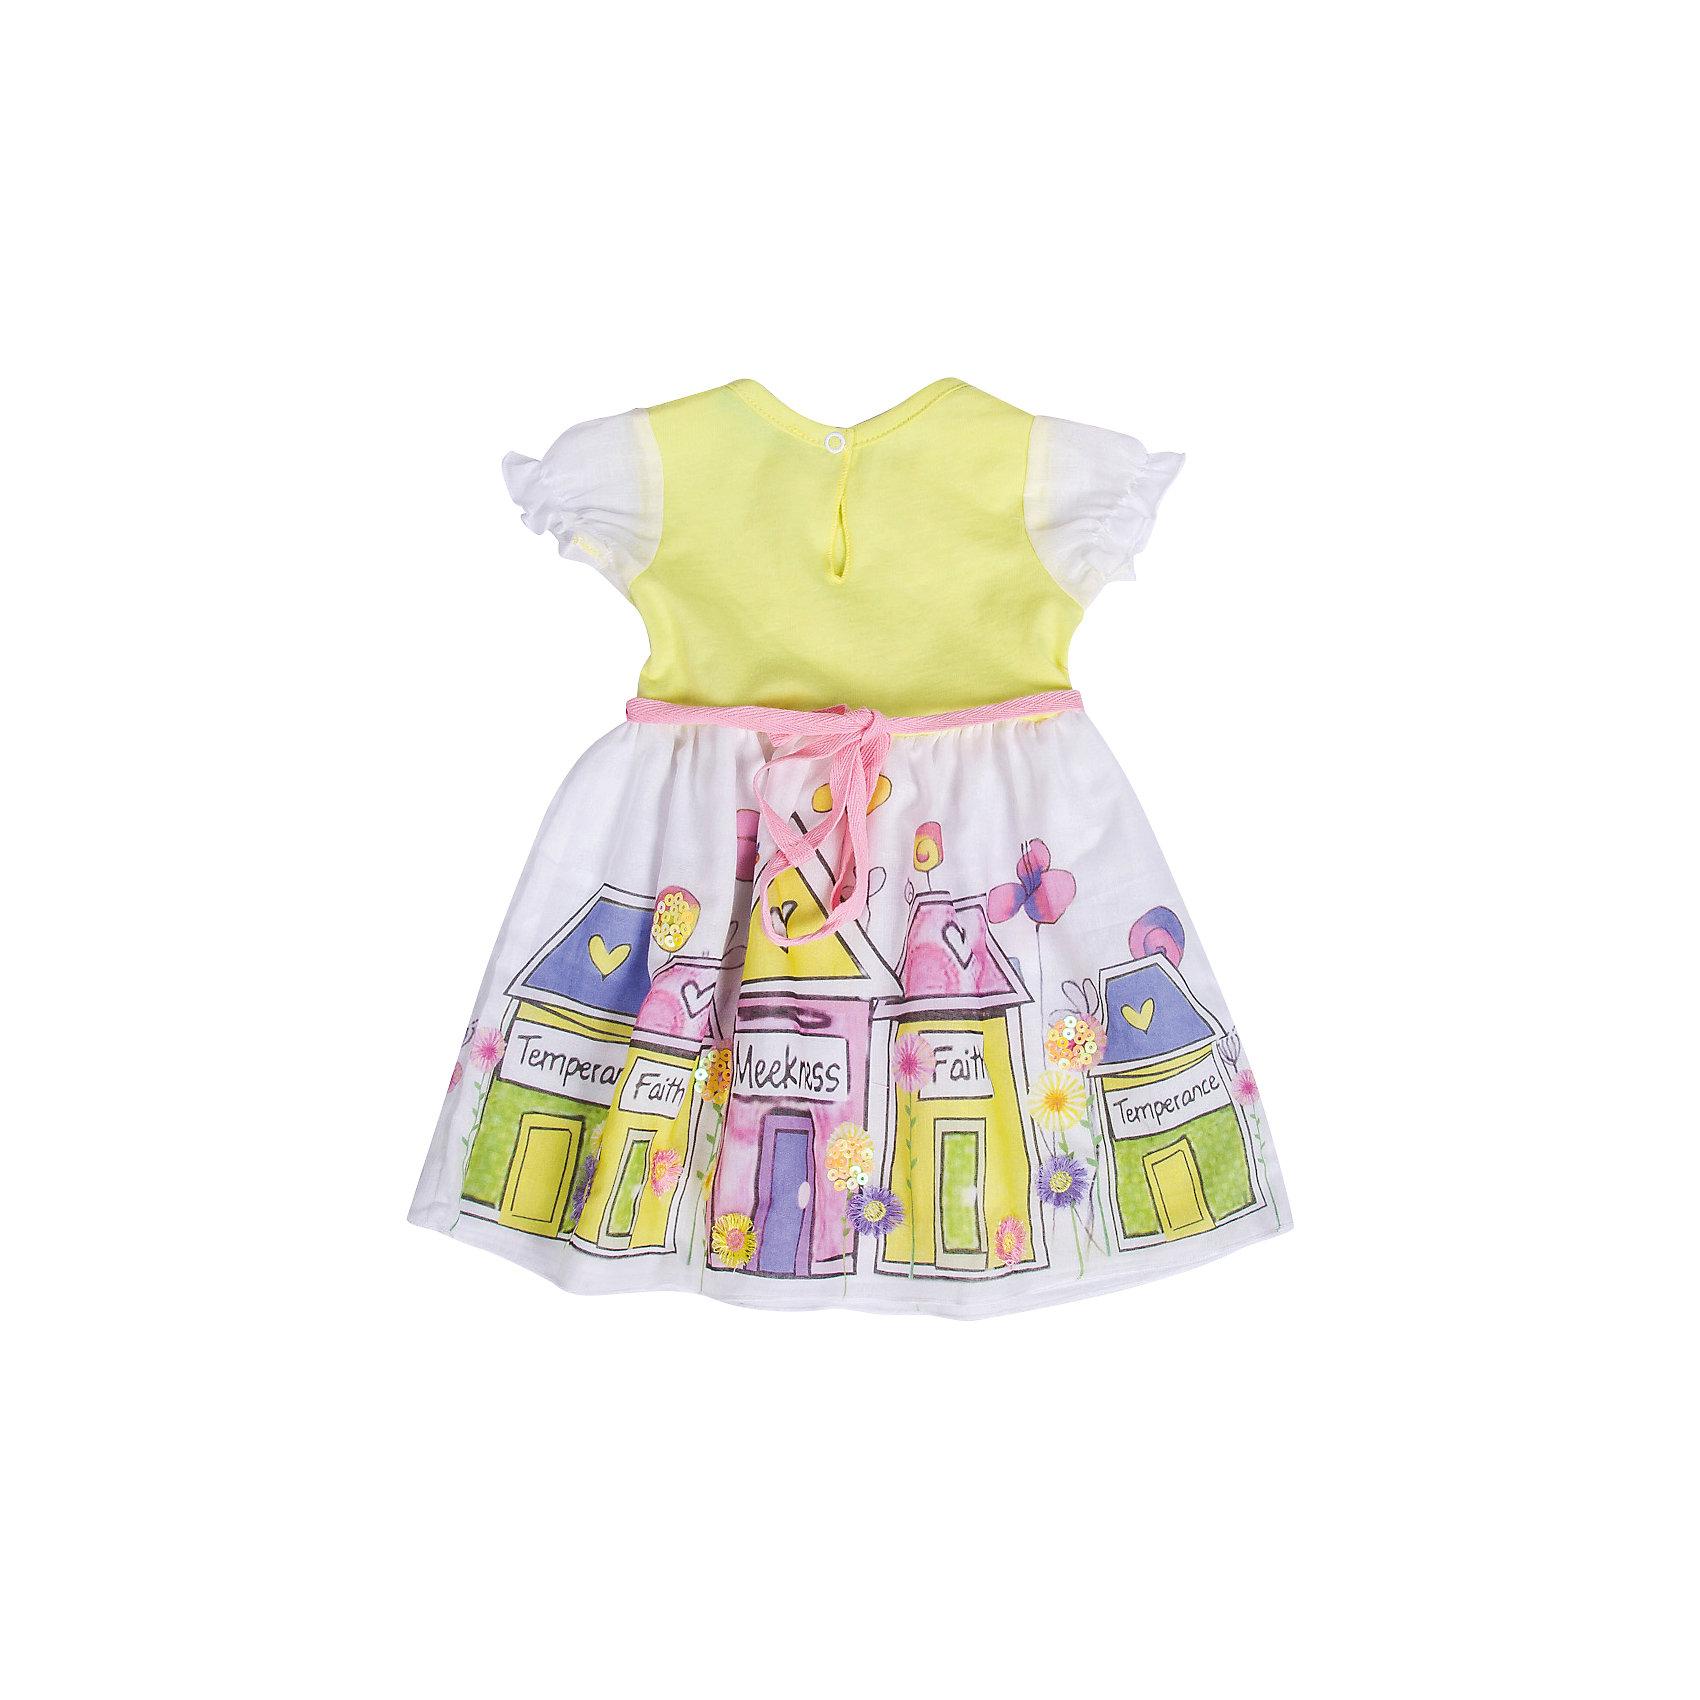 Платье БимошаПлатья<br>Платье дополнено оригинальной печатью и пайетками, сзади застежка-кнопка, рукава-крылышки. Состав: Кулирная гладь 100% хлопок<br><br>Ширина мм: 236<br>Глубина мм: 16<br>Высота мм: 184<br>Вес г: 177<br>Цвет: желтый<br>Возраст от месяцев: 3<br>Возраст до месяцев: 6<br>Пол: Женский<br>Возраст: Детский<br>Размер: 68,74,80<br>SKU: 4645429